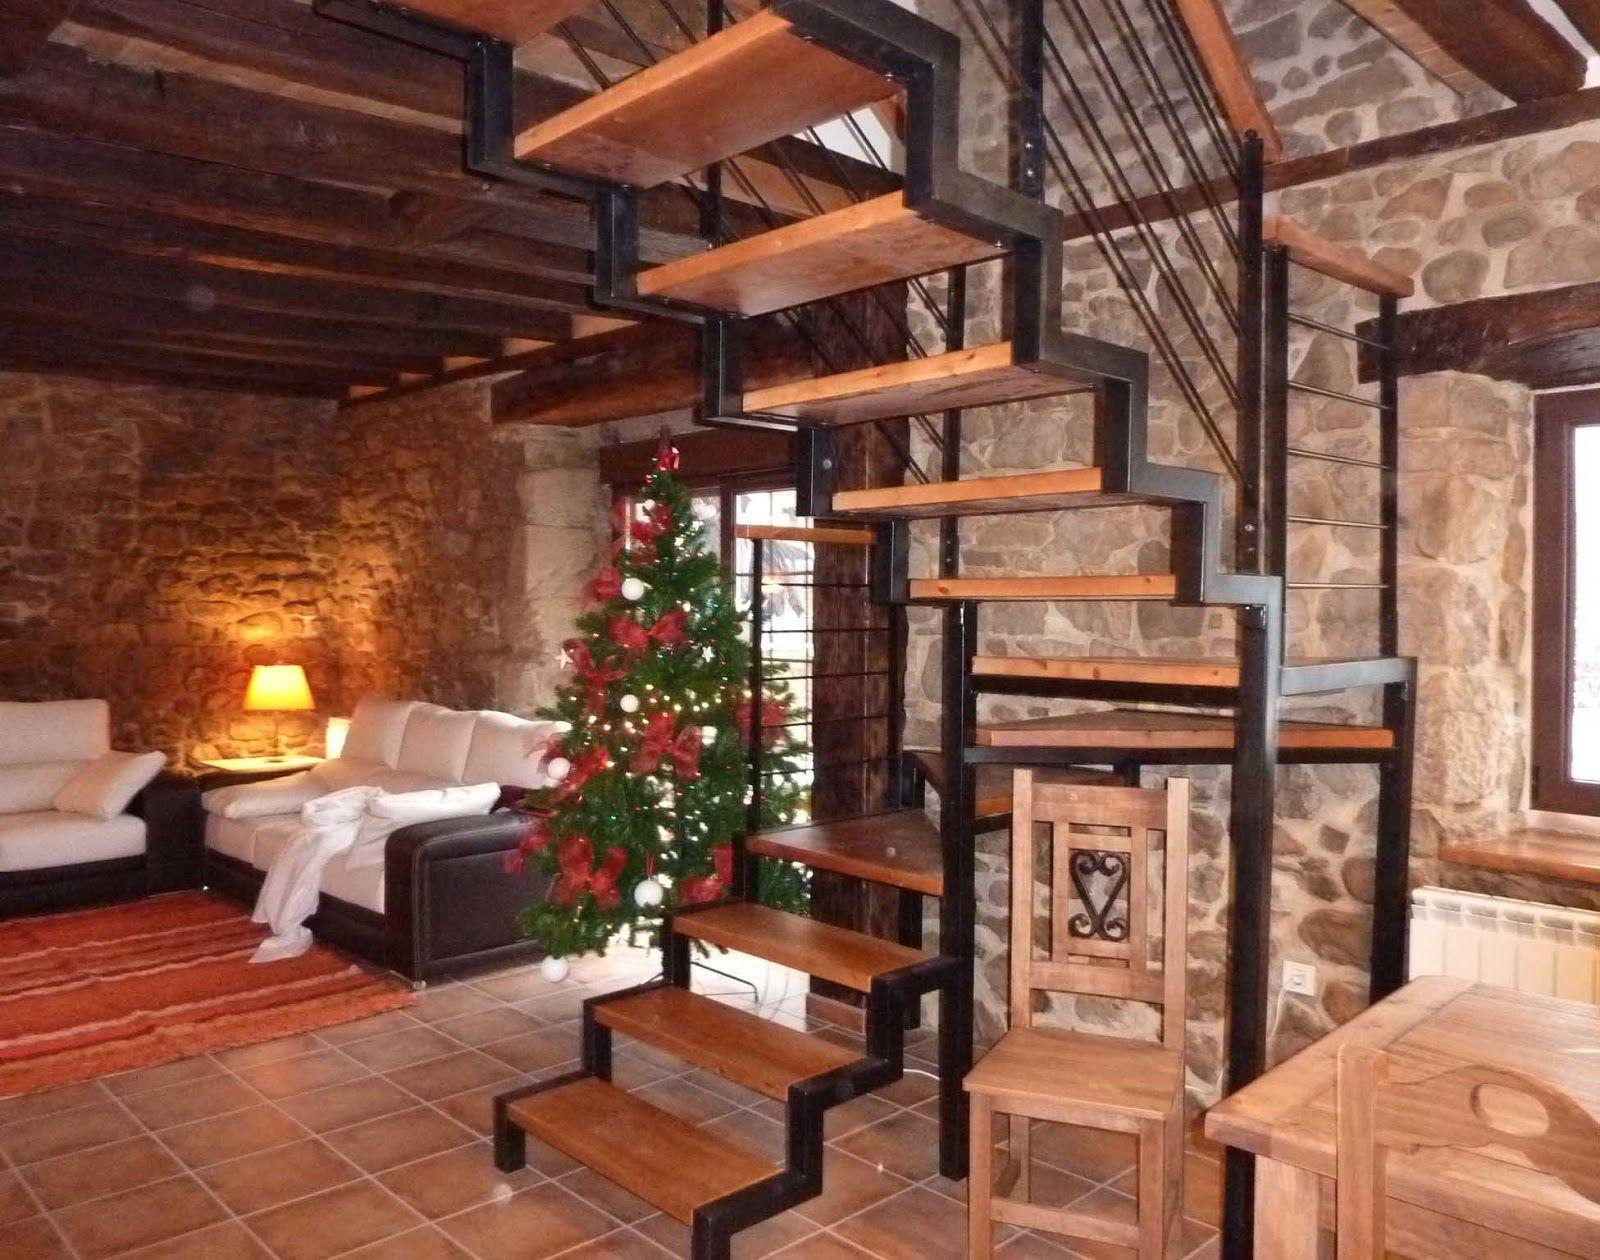 Casas con bodegas rusticas buscar con google casas - Bodegas rusticas decoracion ...